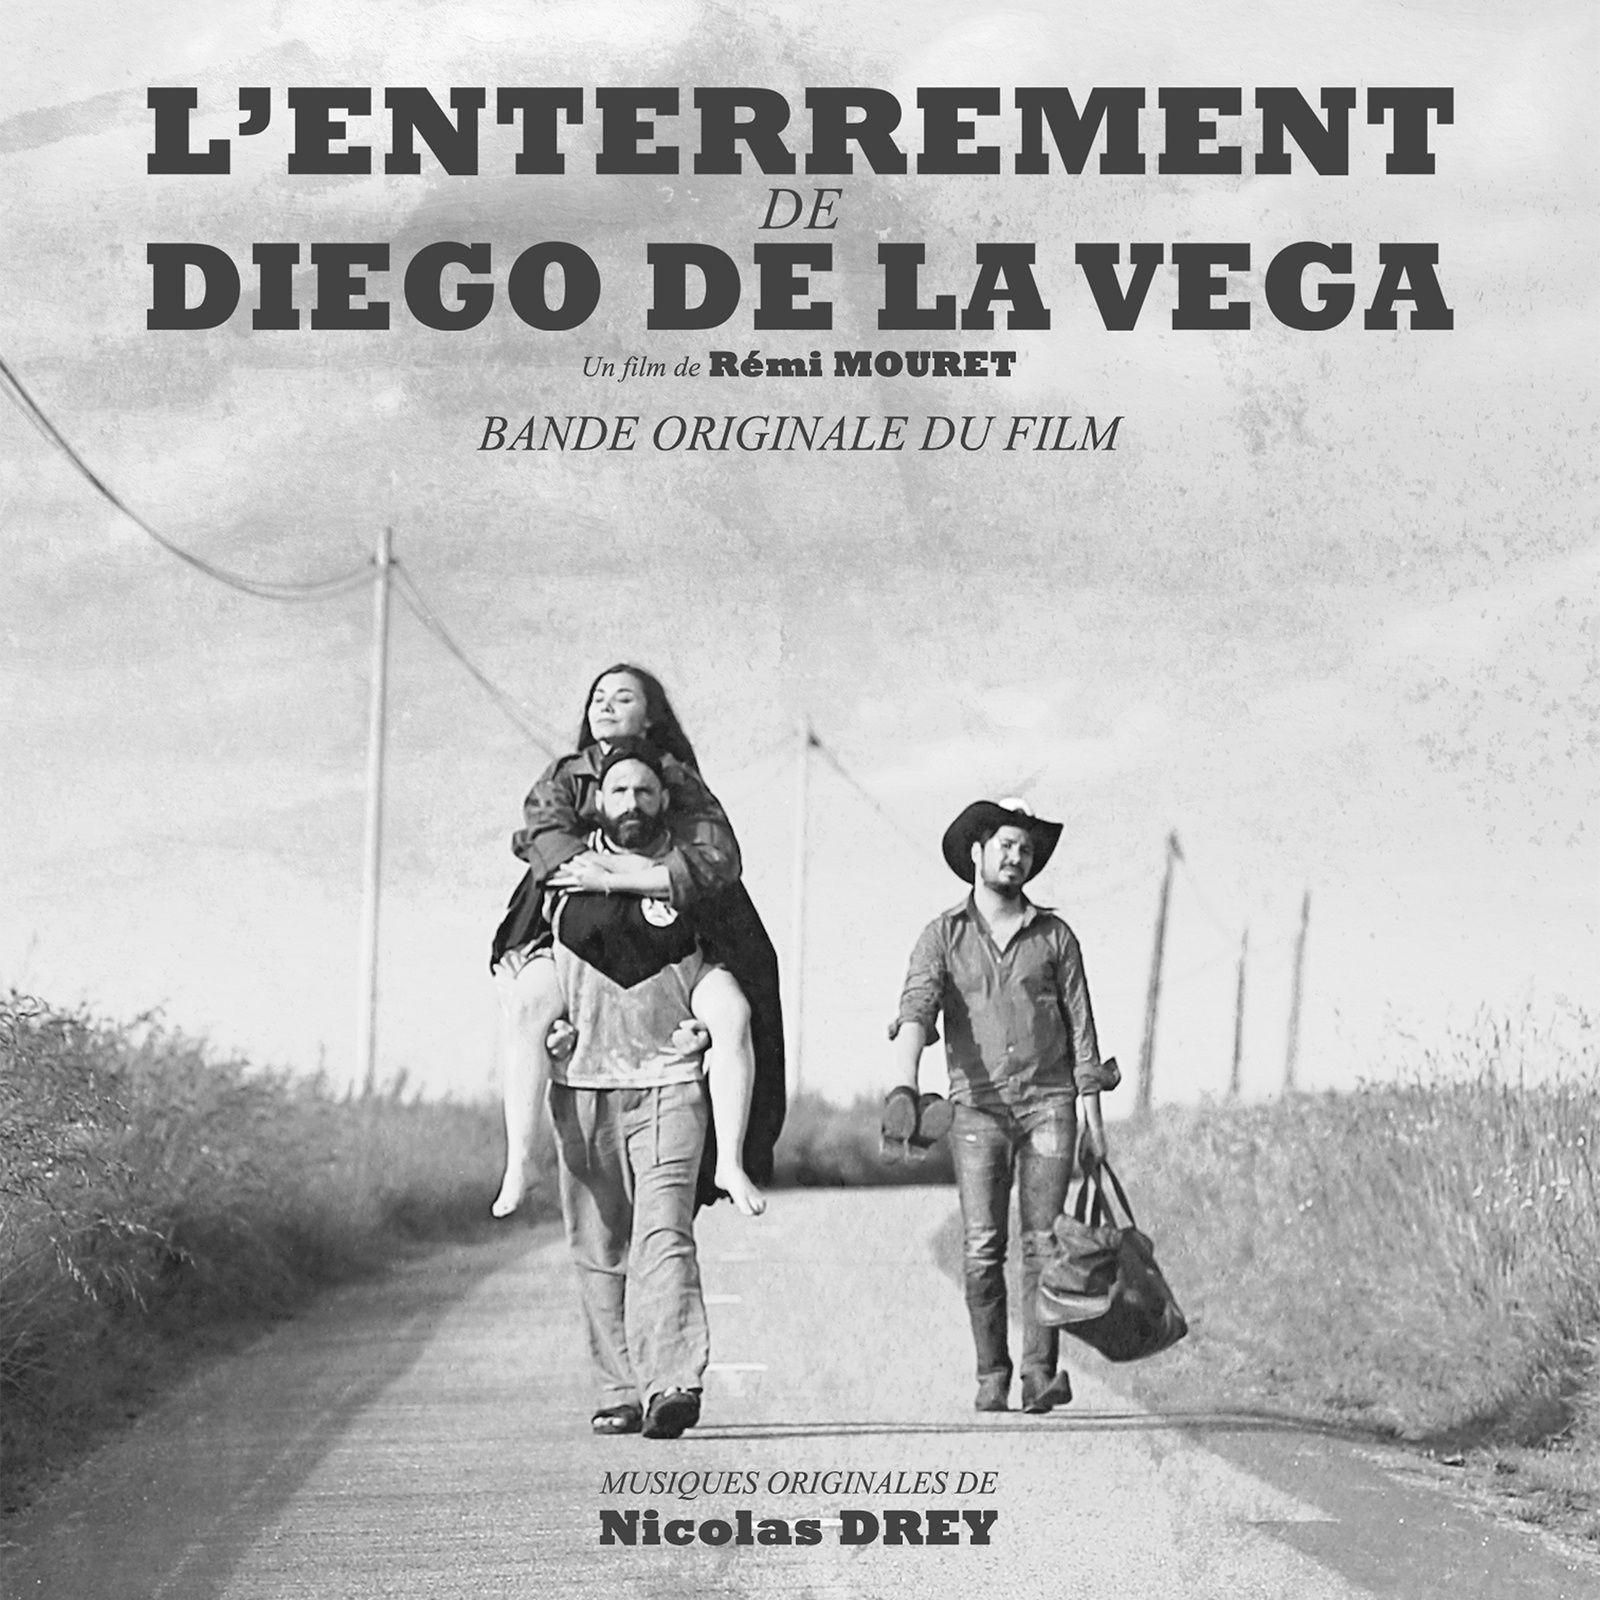 L'enterrement de Diego de La Vega de Nicolas Drey